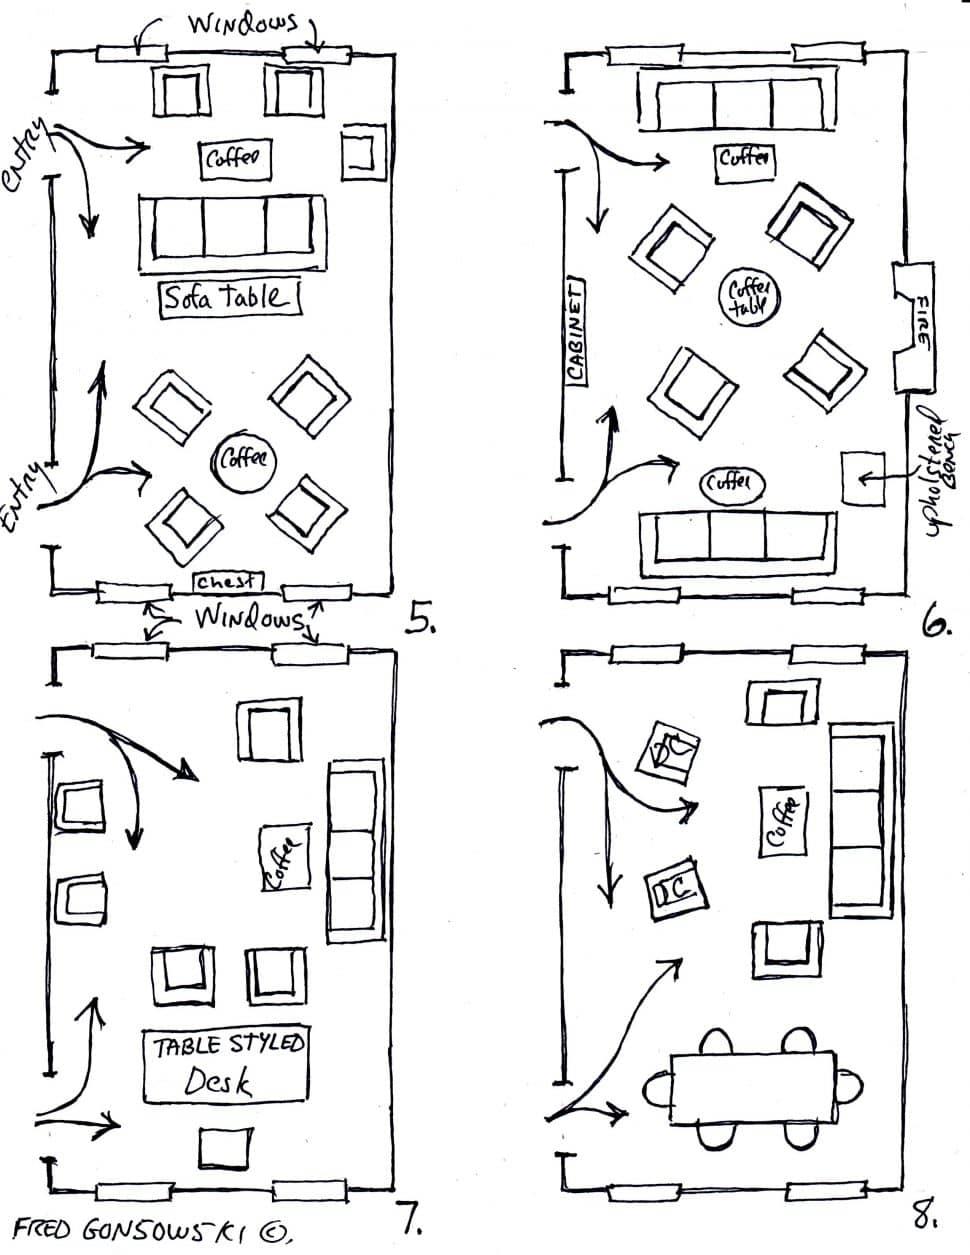 روش چیدمان وسایل دکوراسیون داخلی منزل